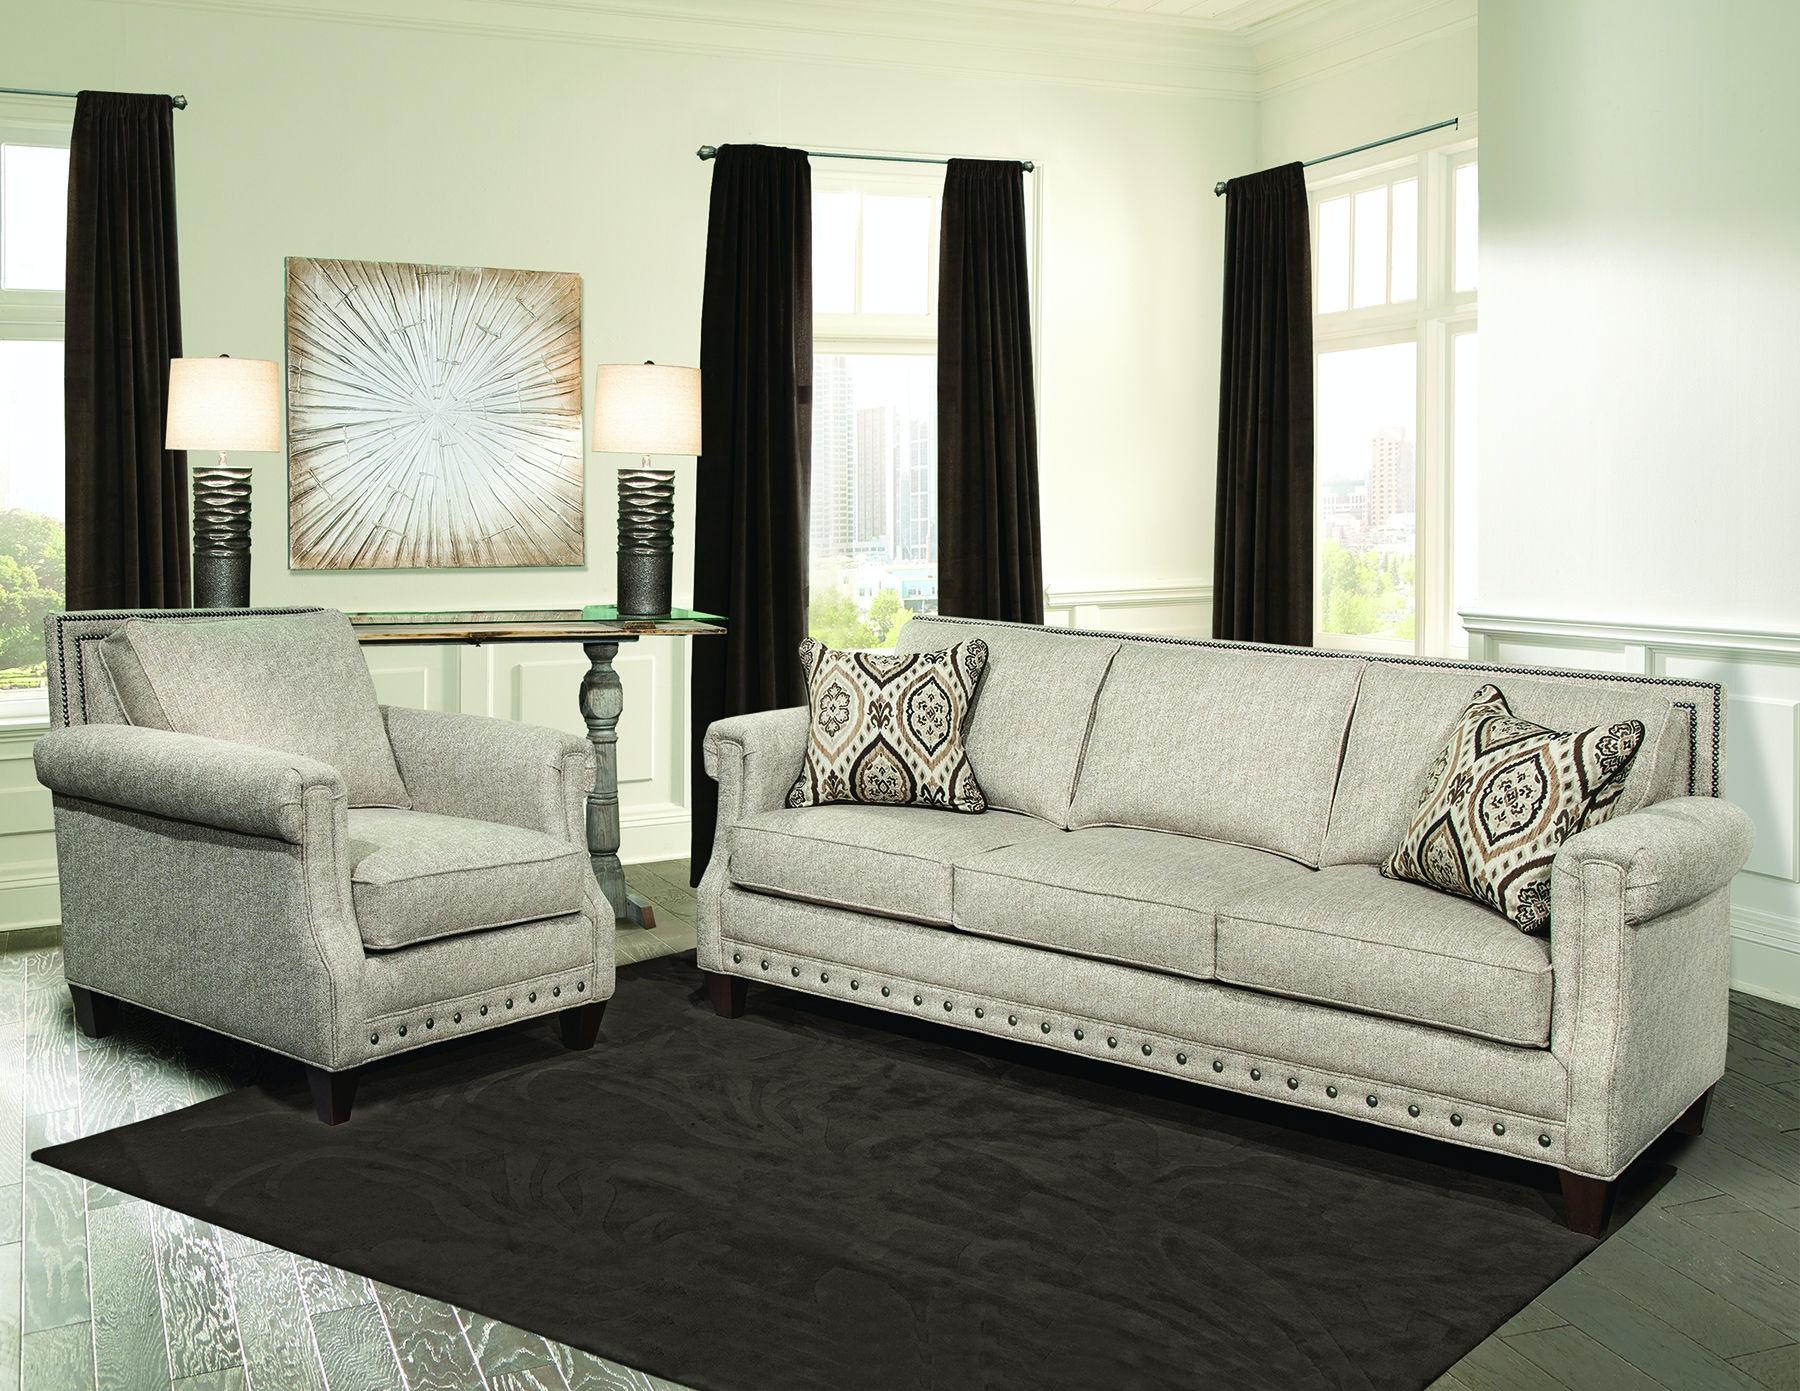 Marshfield Furniture Beckett Sofa MF1968 03